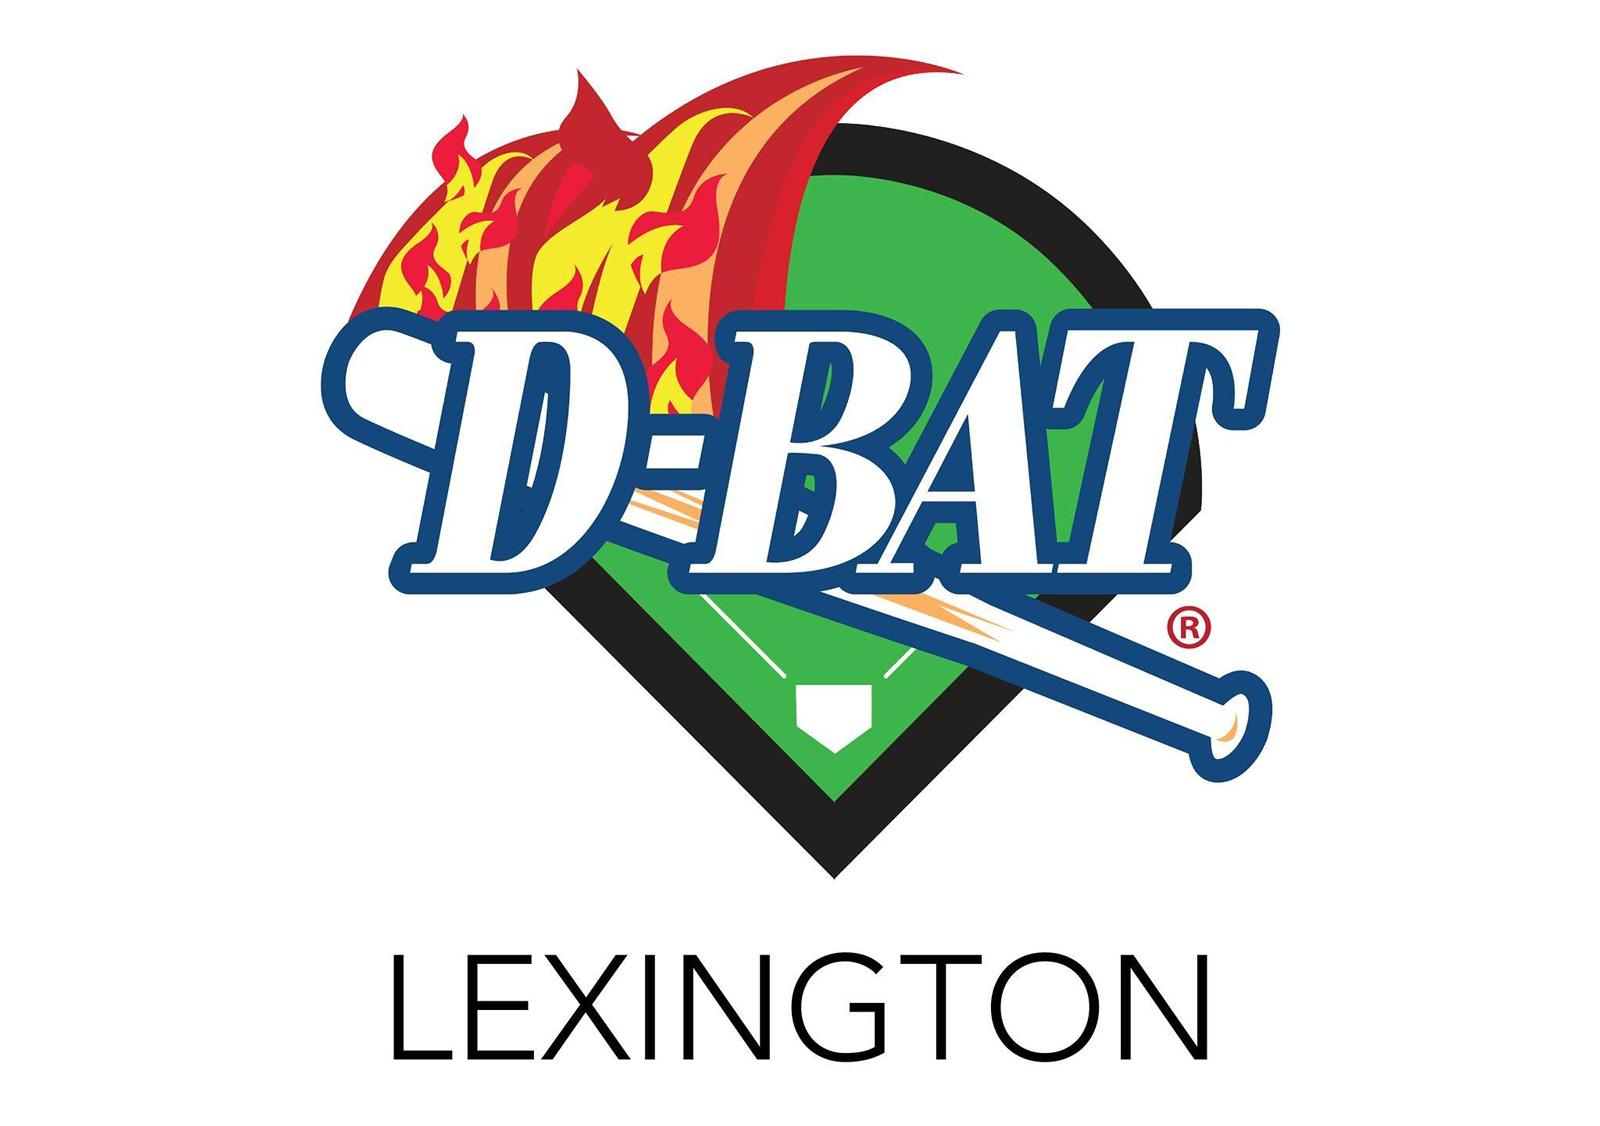 D-Bat-Logo-46Solutions